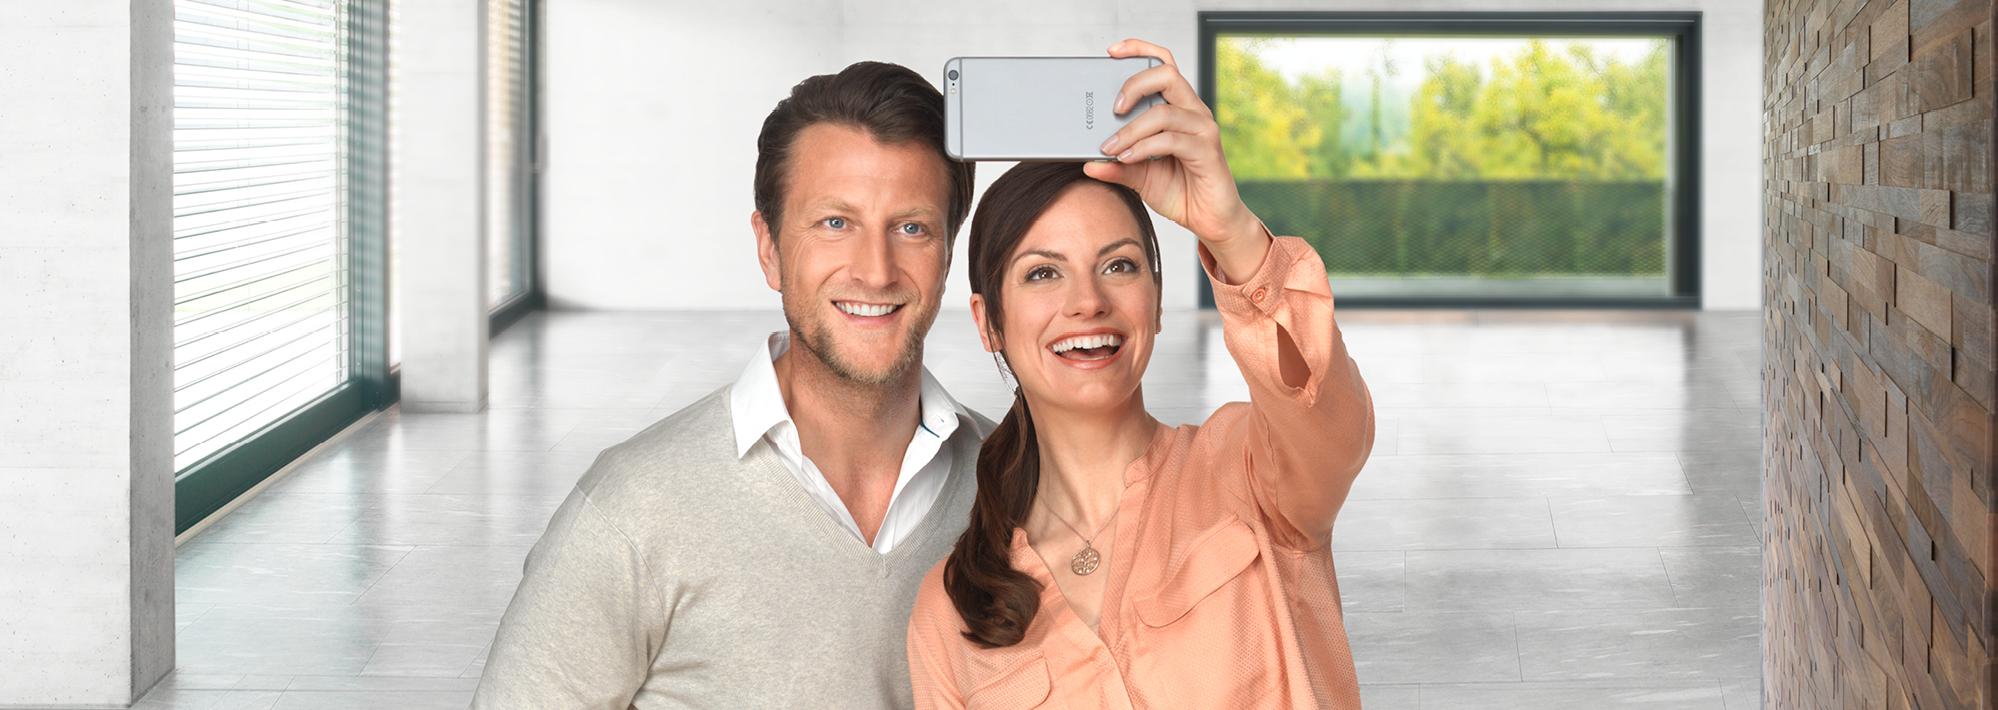 Wohneigentum Kaufen Offerte Erstellen Und Hypothek Online Abschliessen